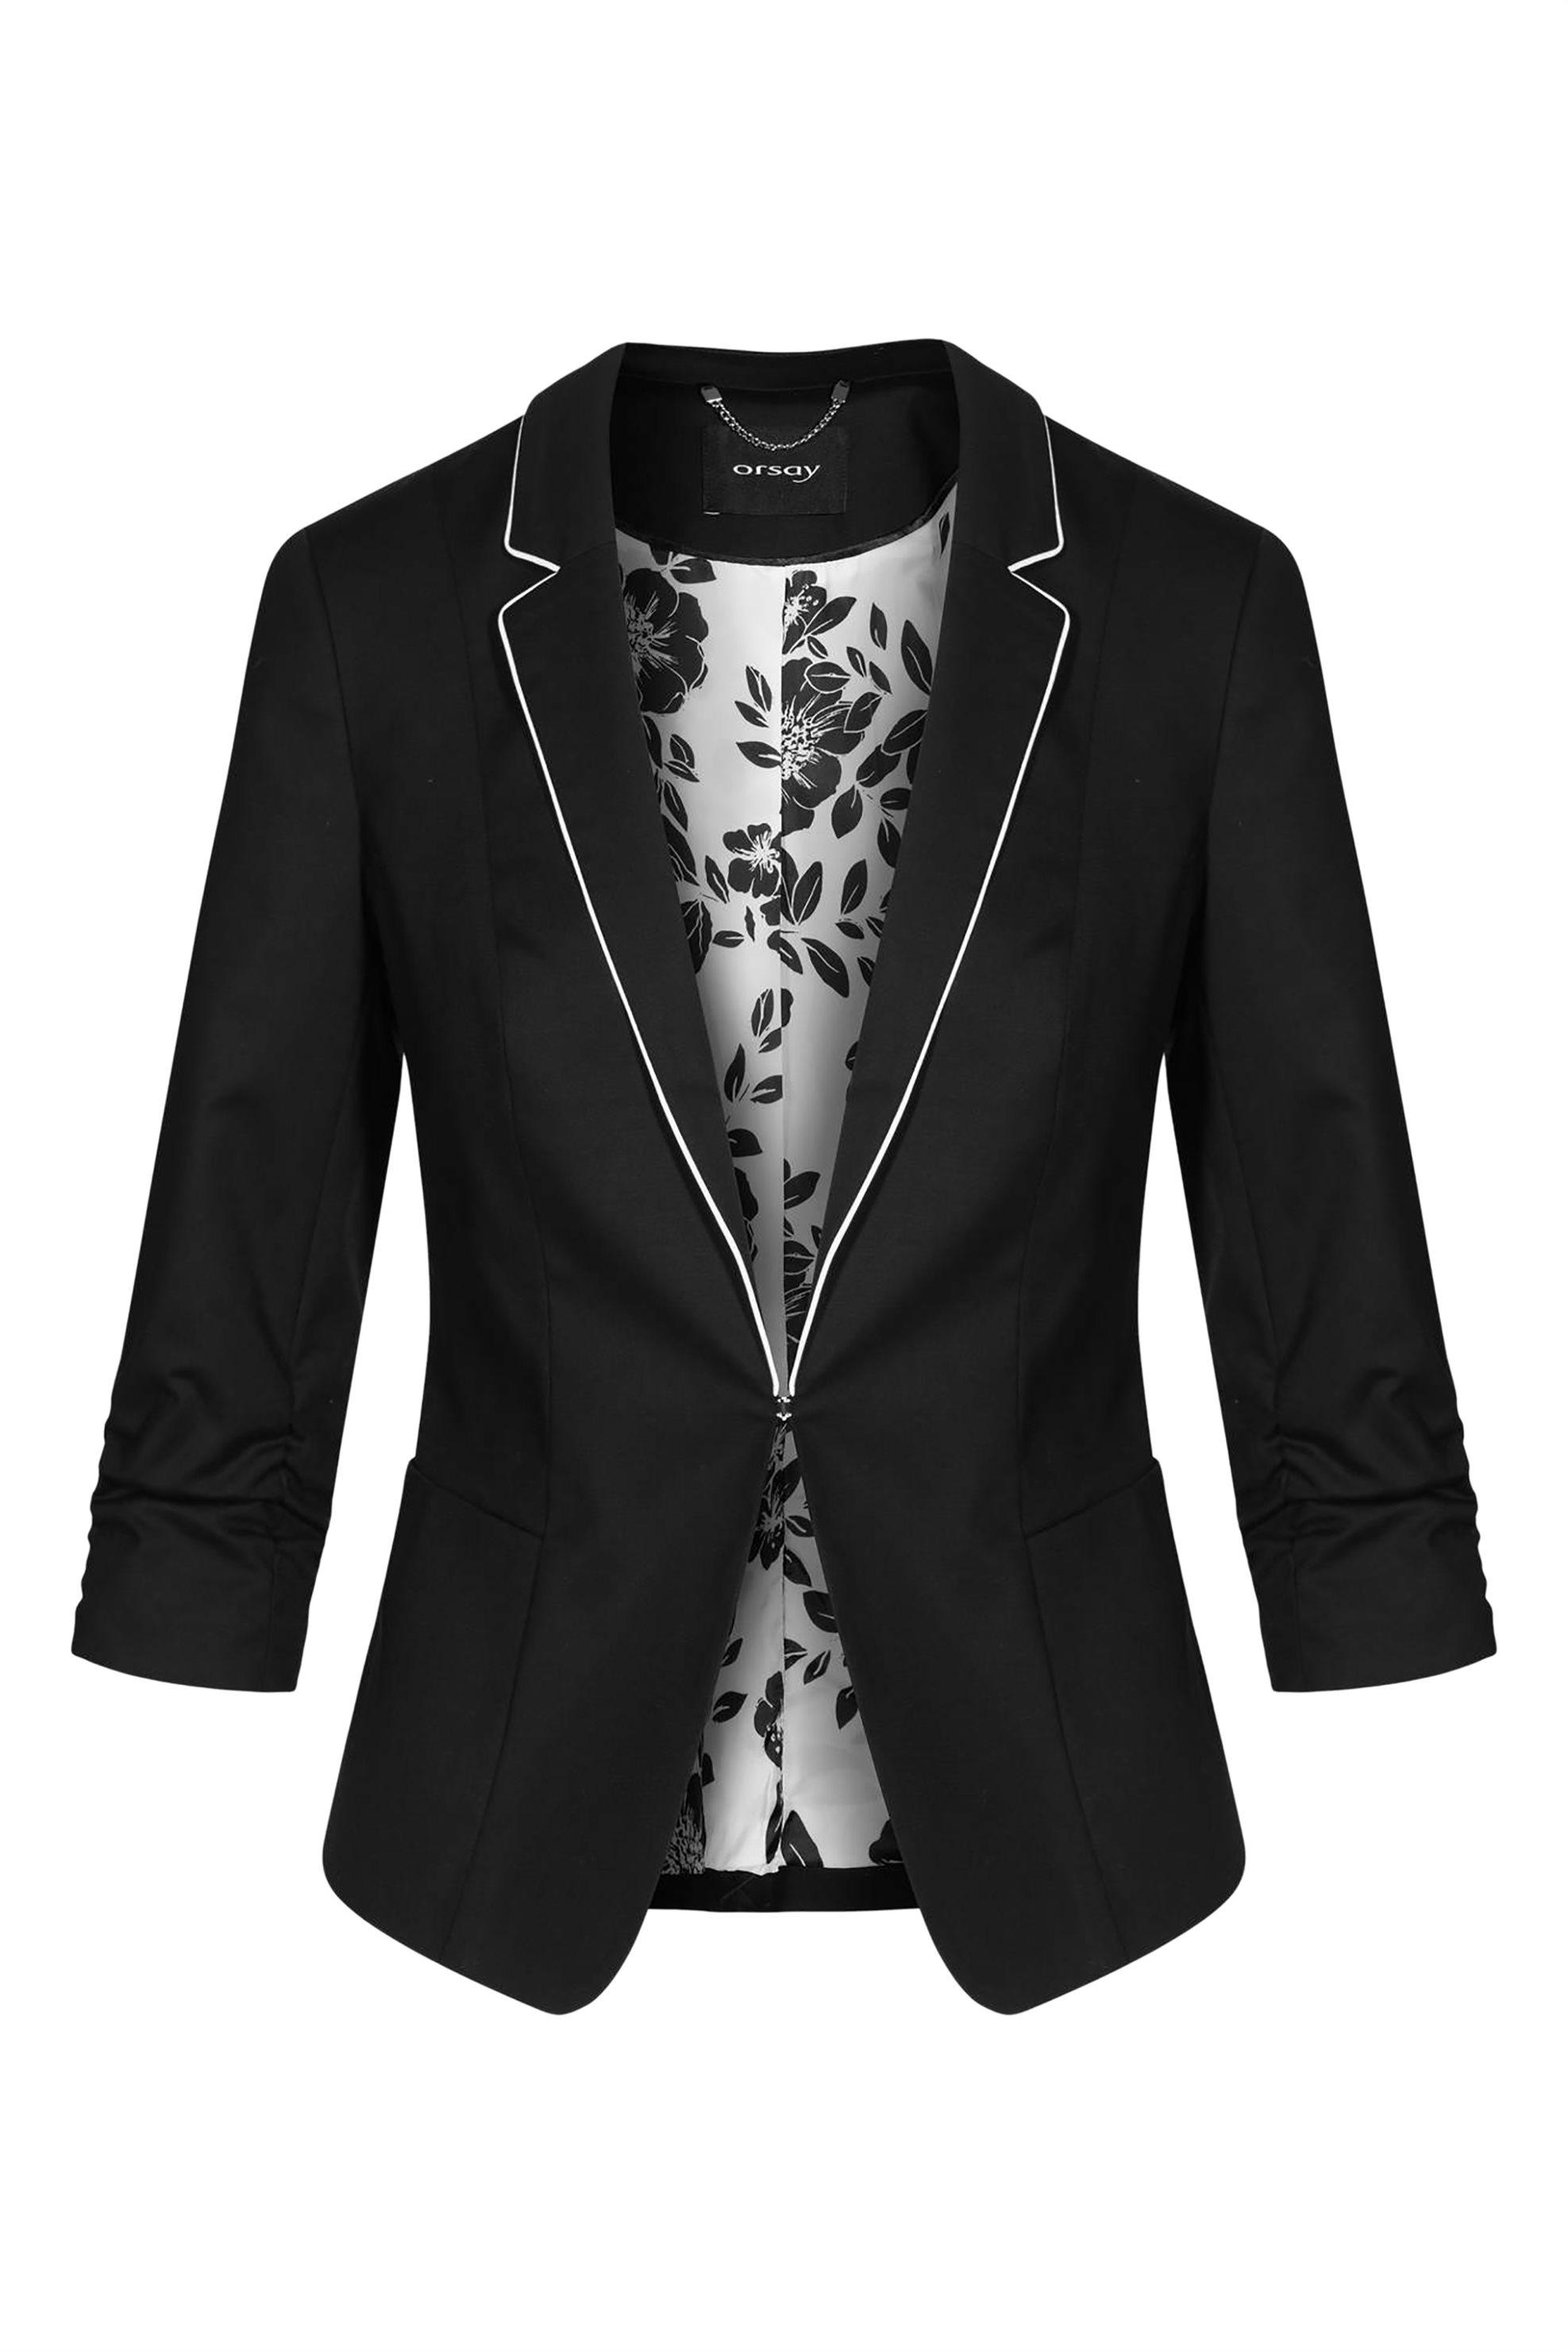 dec2318a800 Γυναικεία Σακάκια | ORSAY | Snif.gr